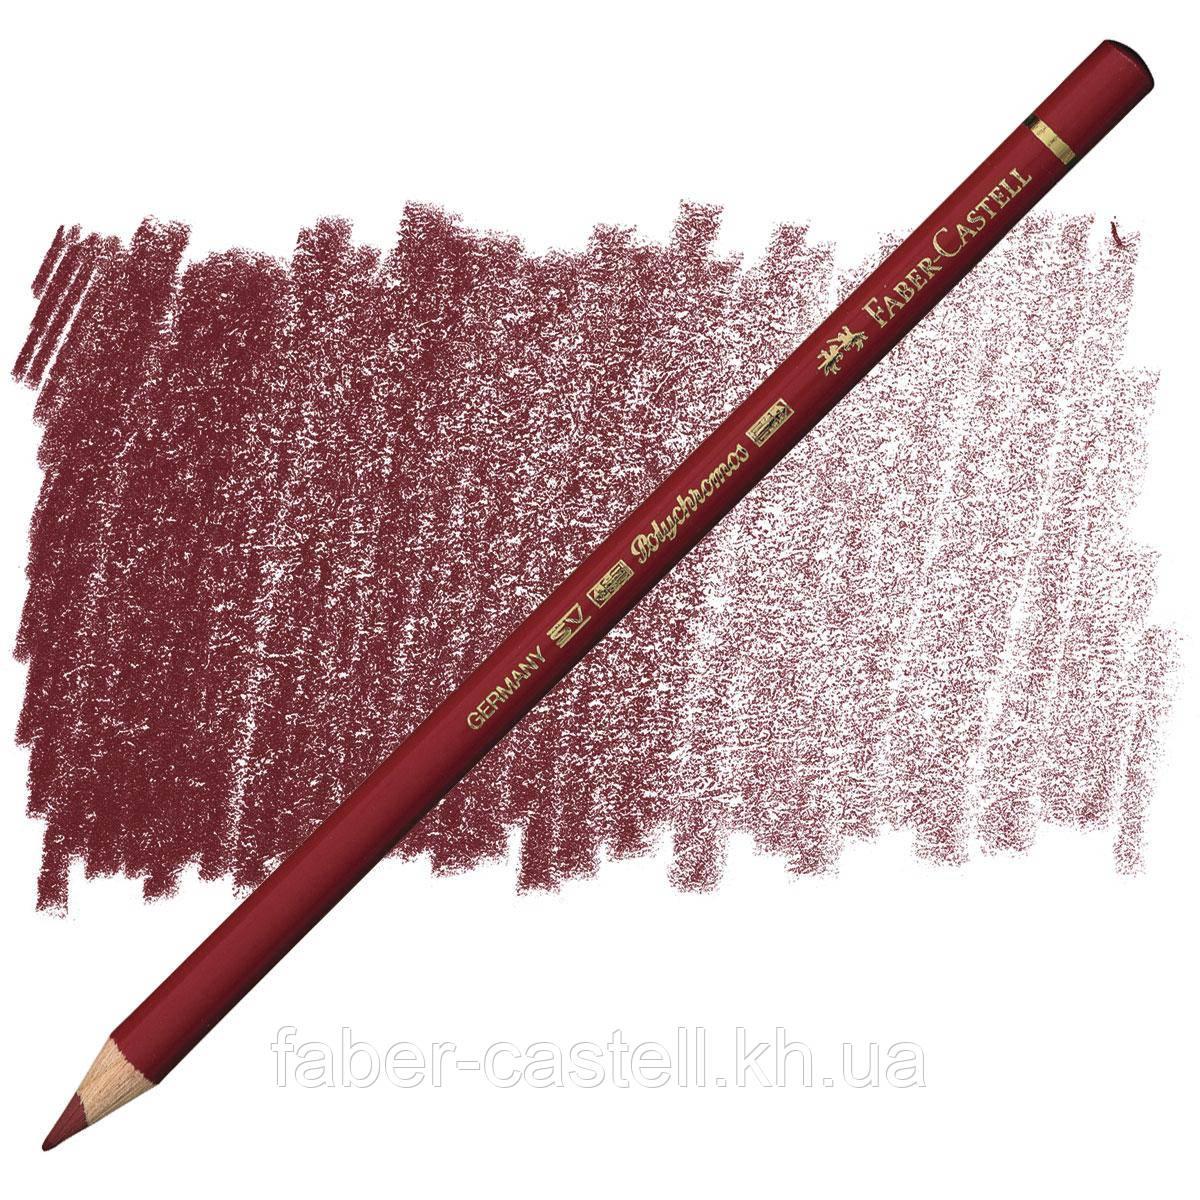 Олівець кольоровий Faber-Castell POLYCHROMOS кадмиевый червоний №217 (Middle Cadmium Red), 110217